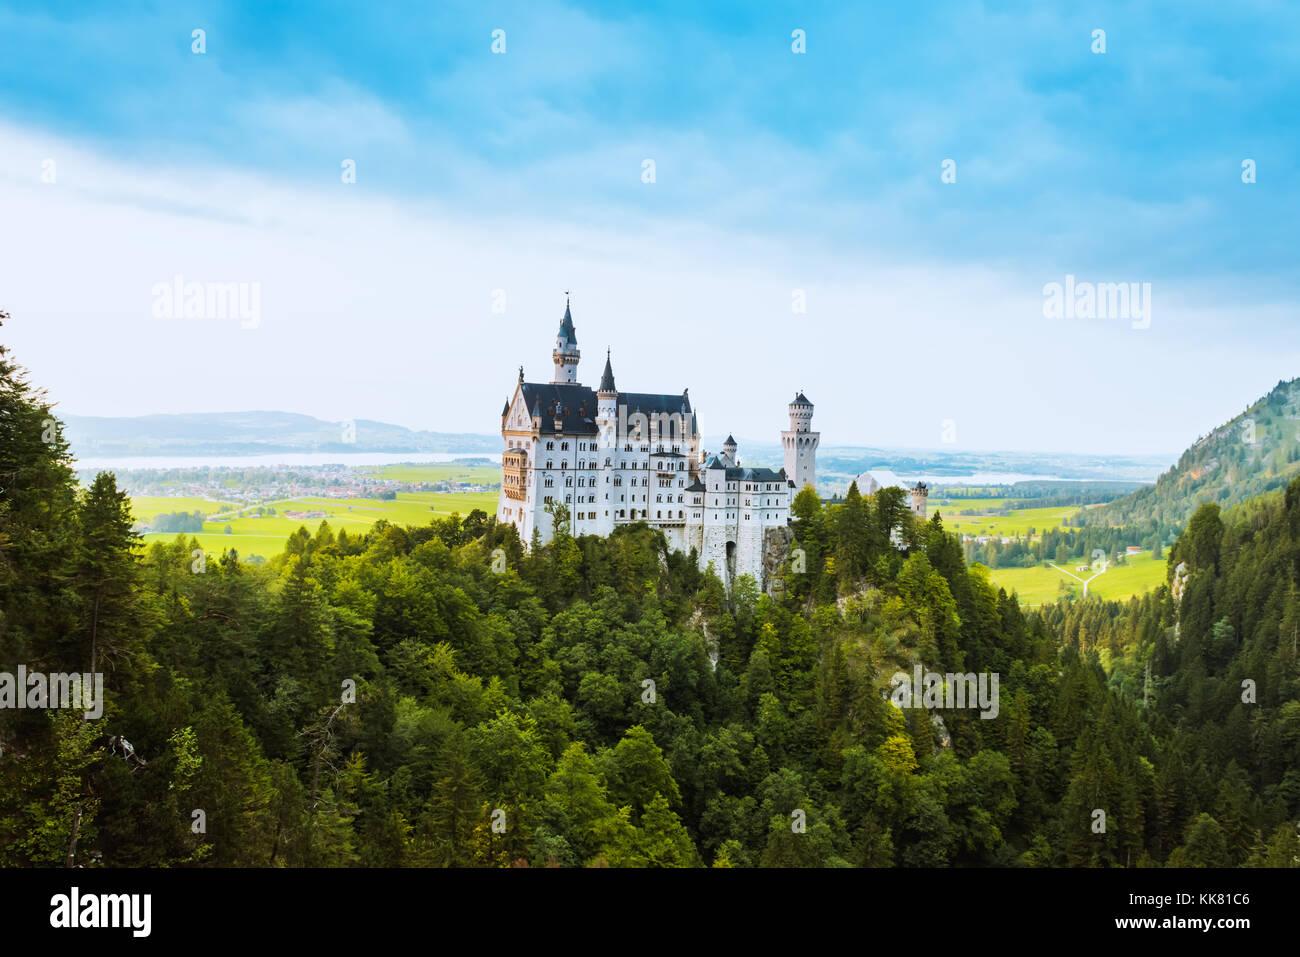 Schöner Blick auf das Schloss Neuschwanstein im Sommer Saison Stockbild